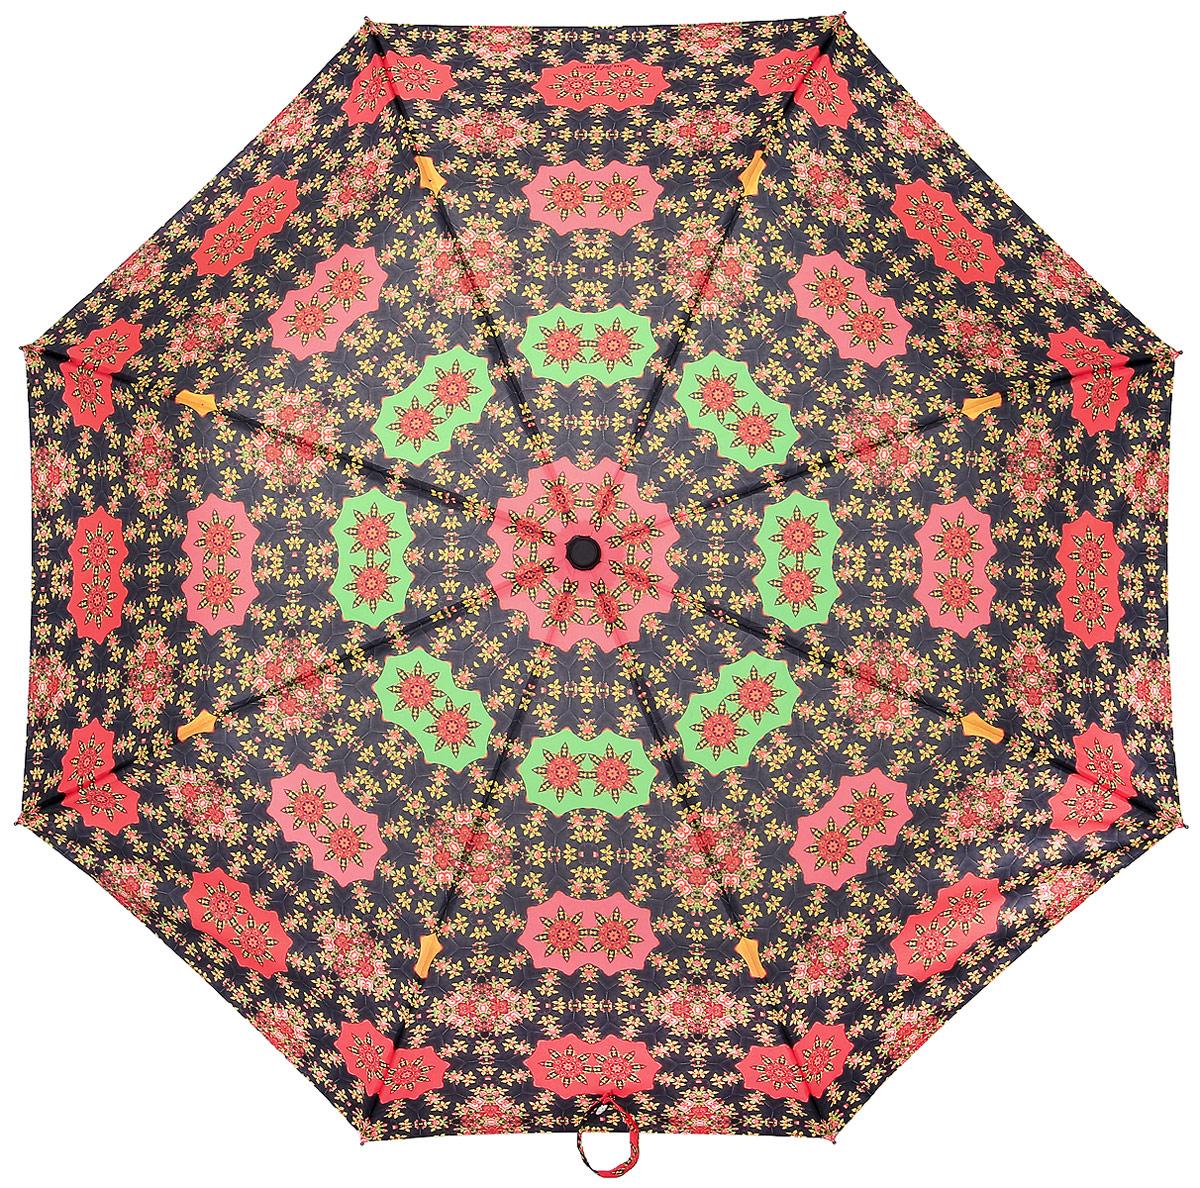 Зонт женский Slava Zaitsev, автомат, 3 сложения, цвет: черный, оранжевый, зеленый. SZ-073 зонт slava zaitsev